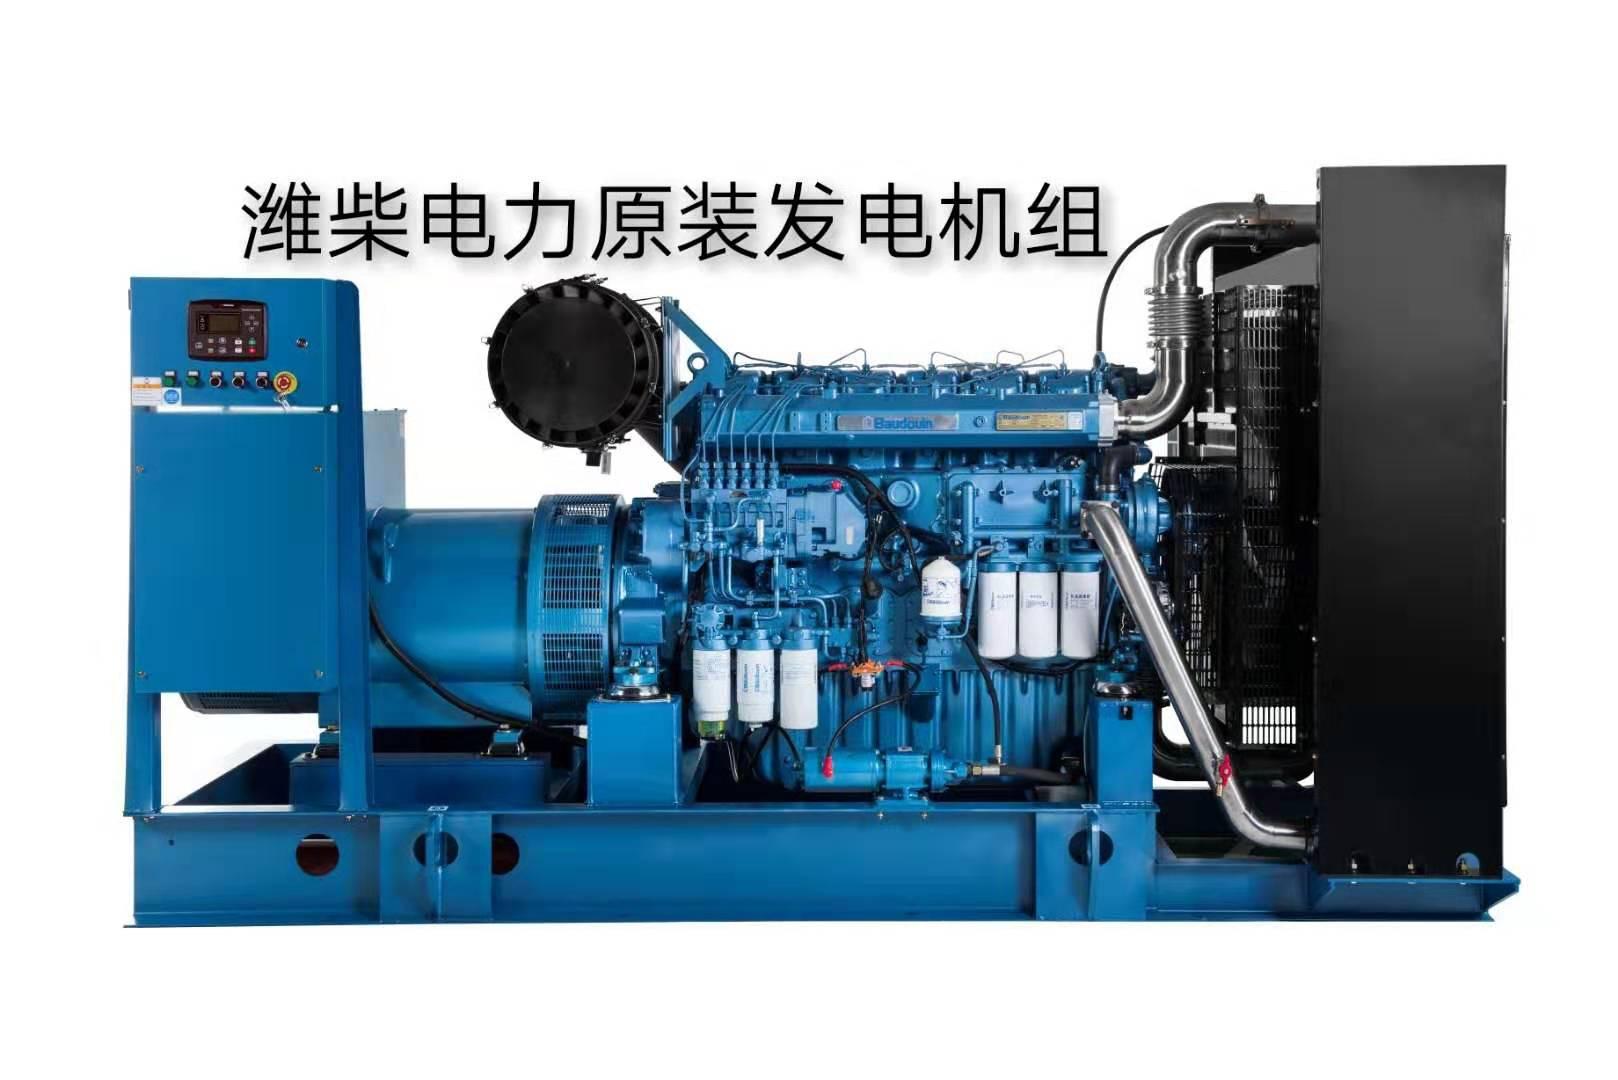 潍柴300kw柴油发电机组潍柴发电机组厂家供应质量可靠